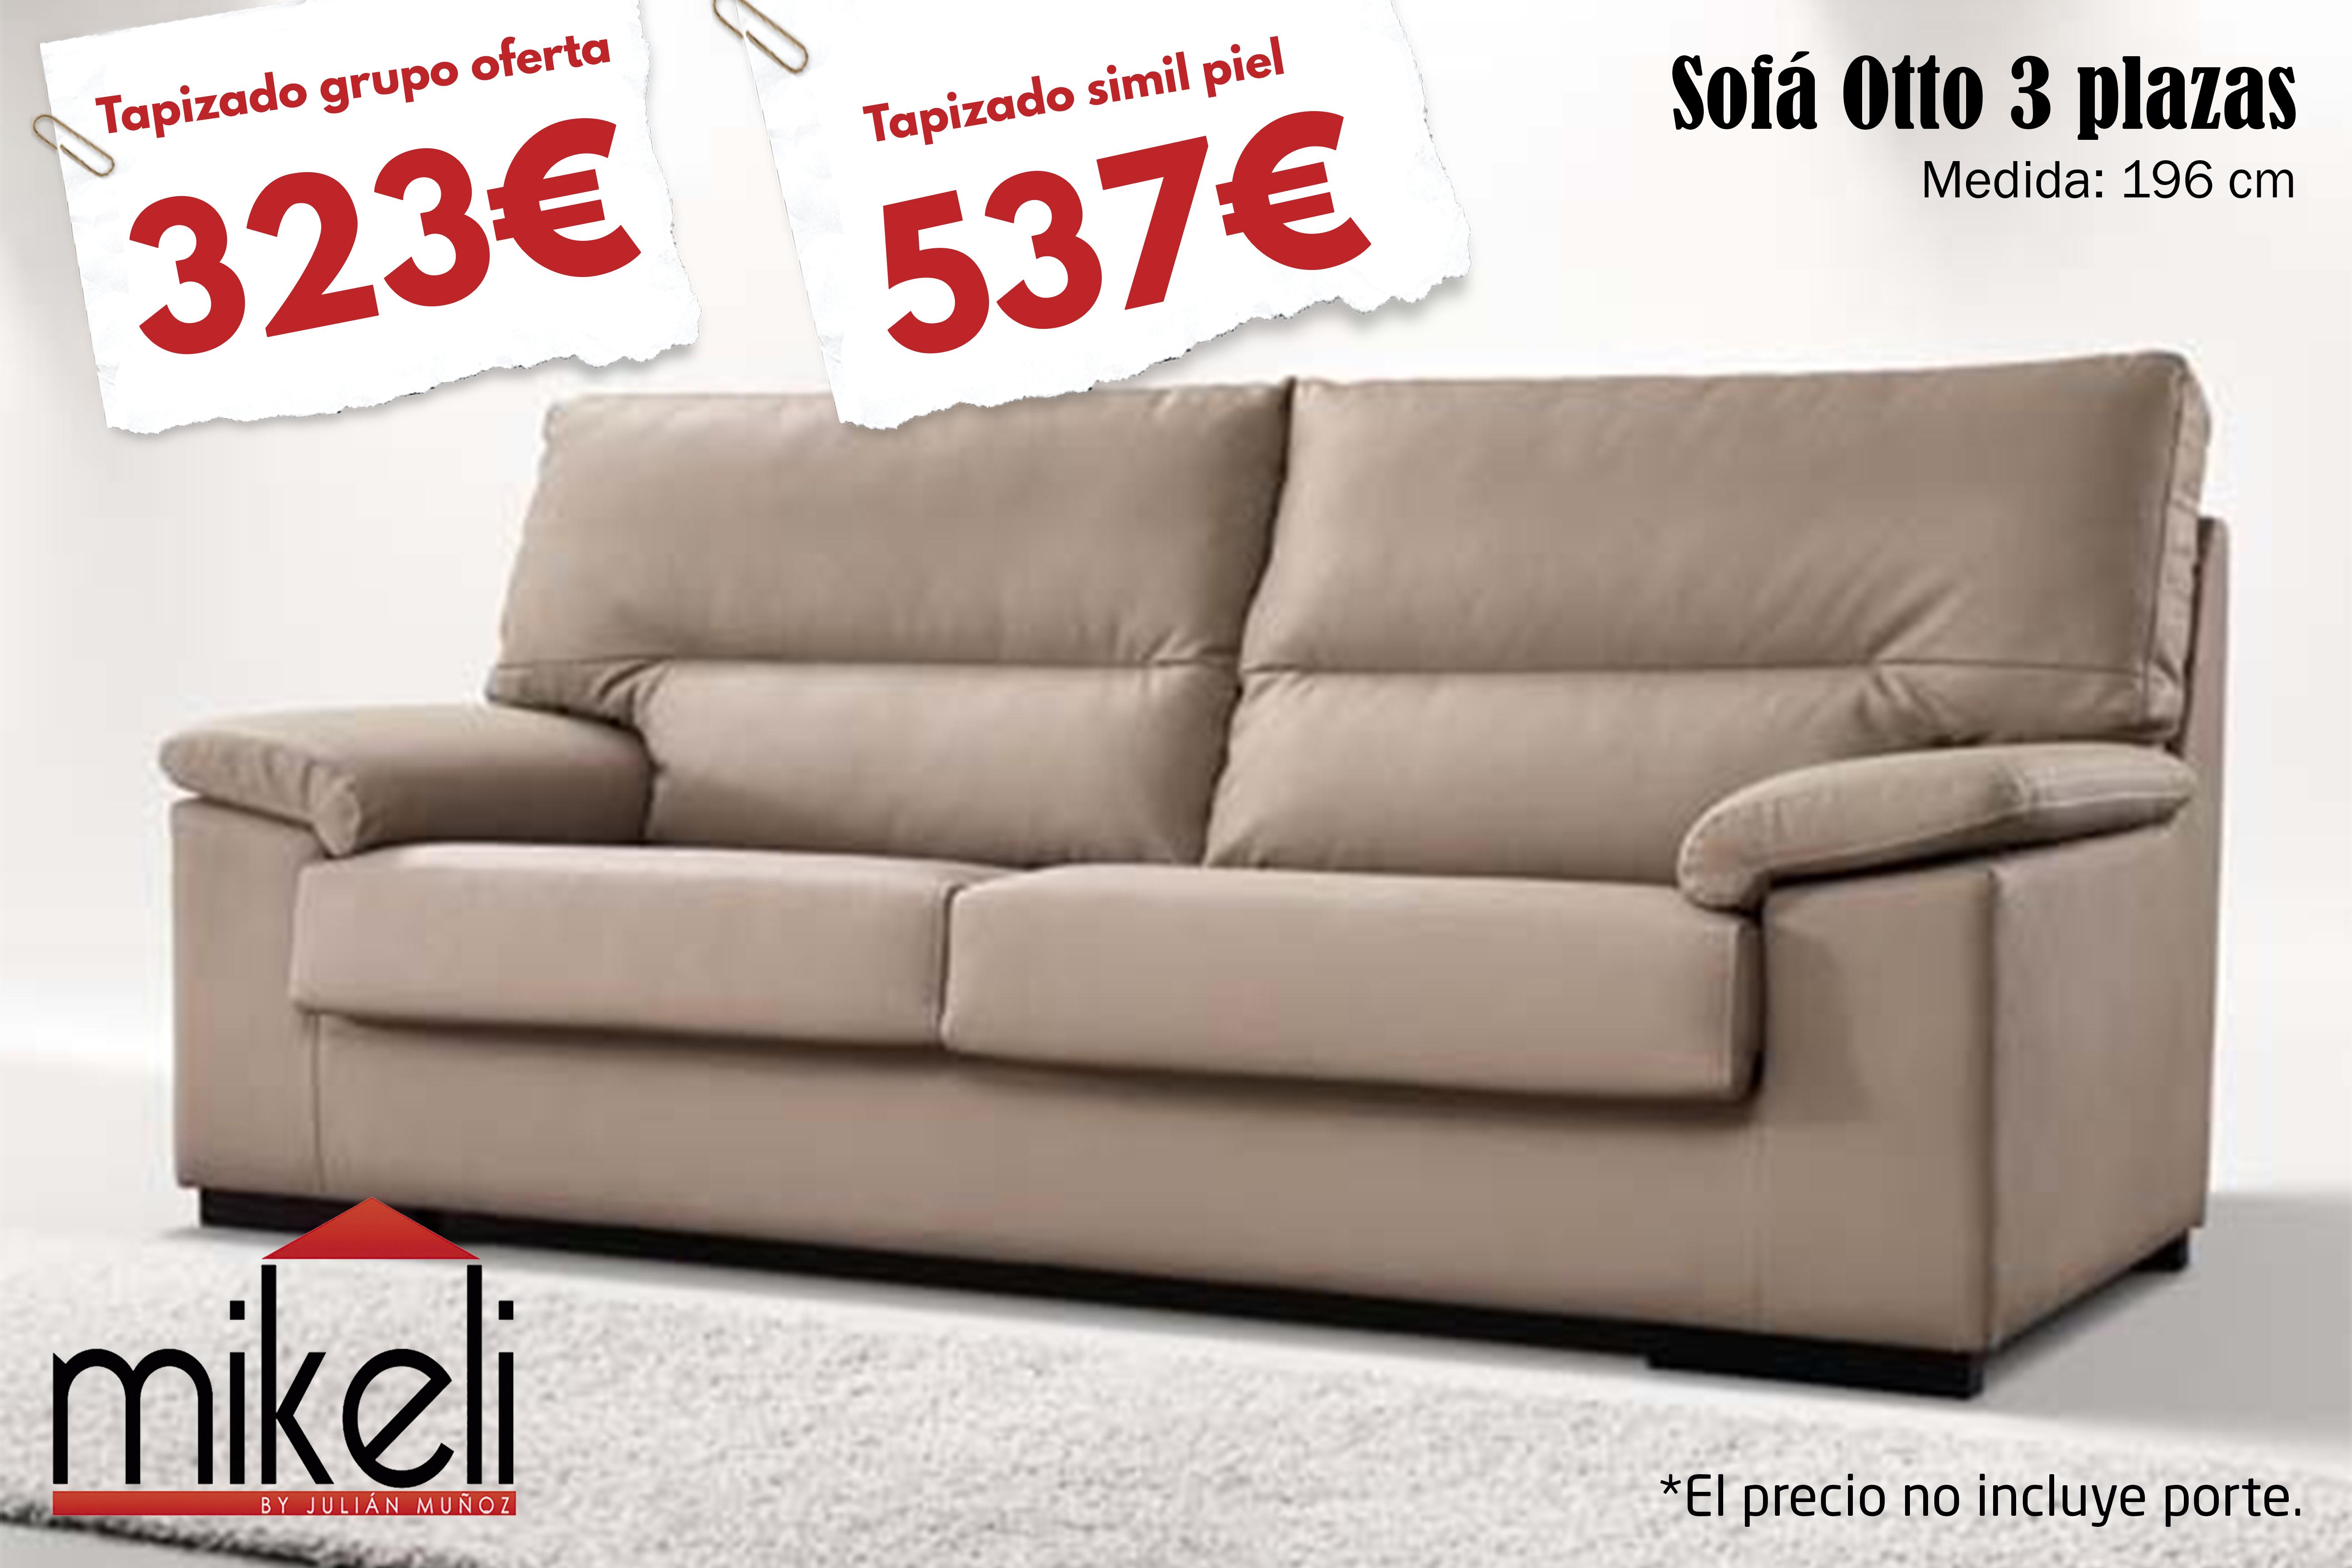 Sofa Otto Mikeli Tu Tienda De Muebles A Precios Incre Bles En Ceuta # Muebles A Medida Ceuta